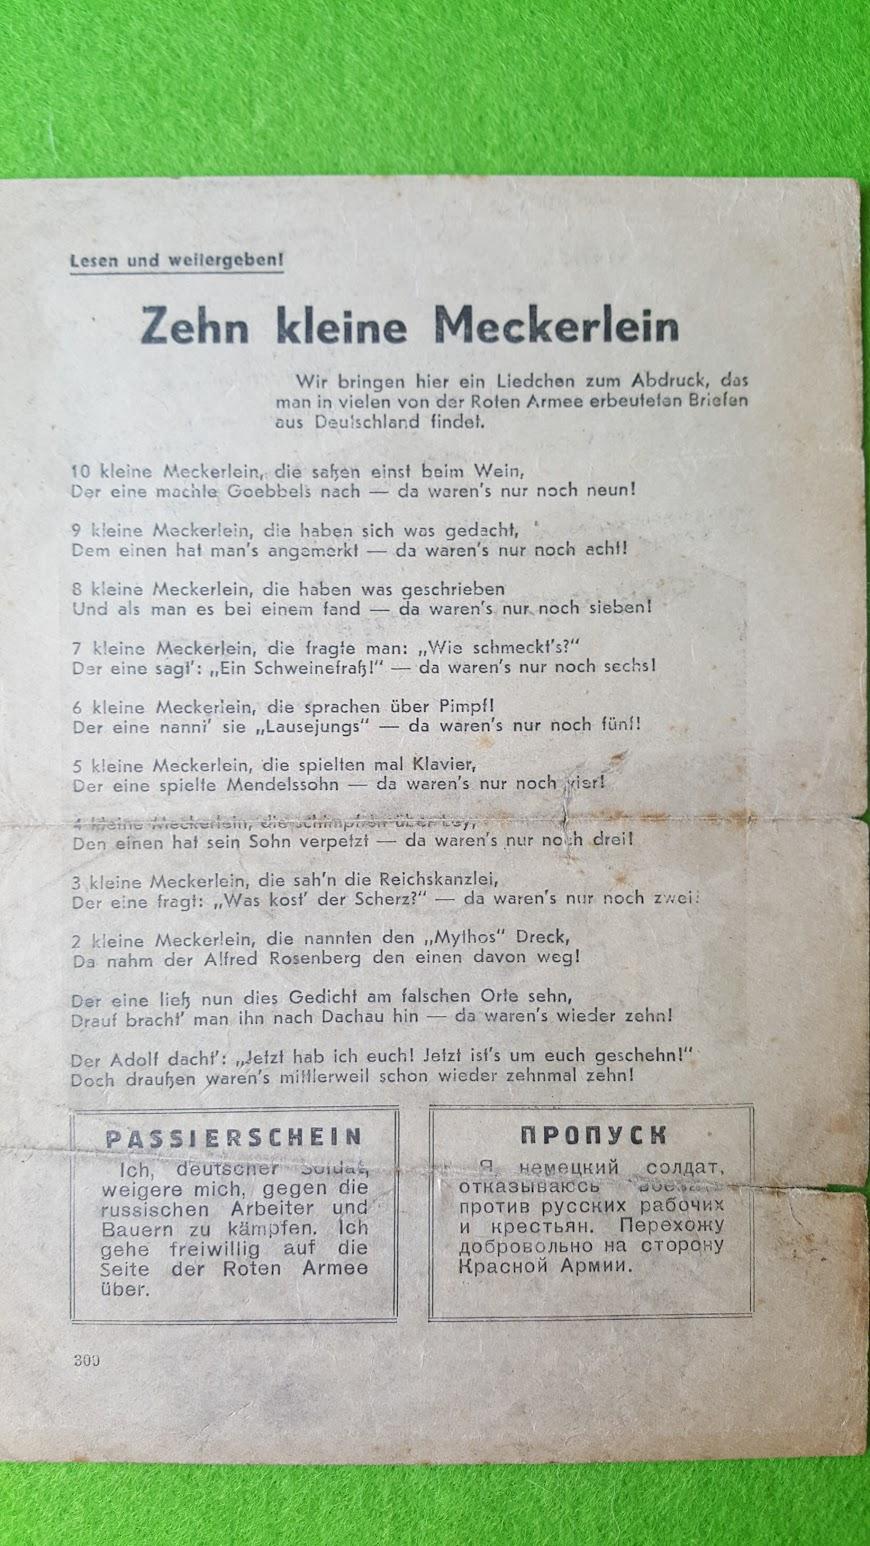 Sowjetisches Flugblatt - September 1941 - Zehn kleine Meckerlein